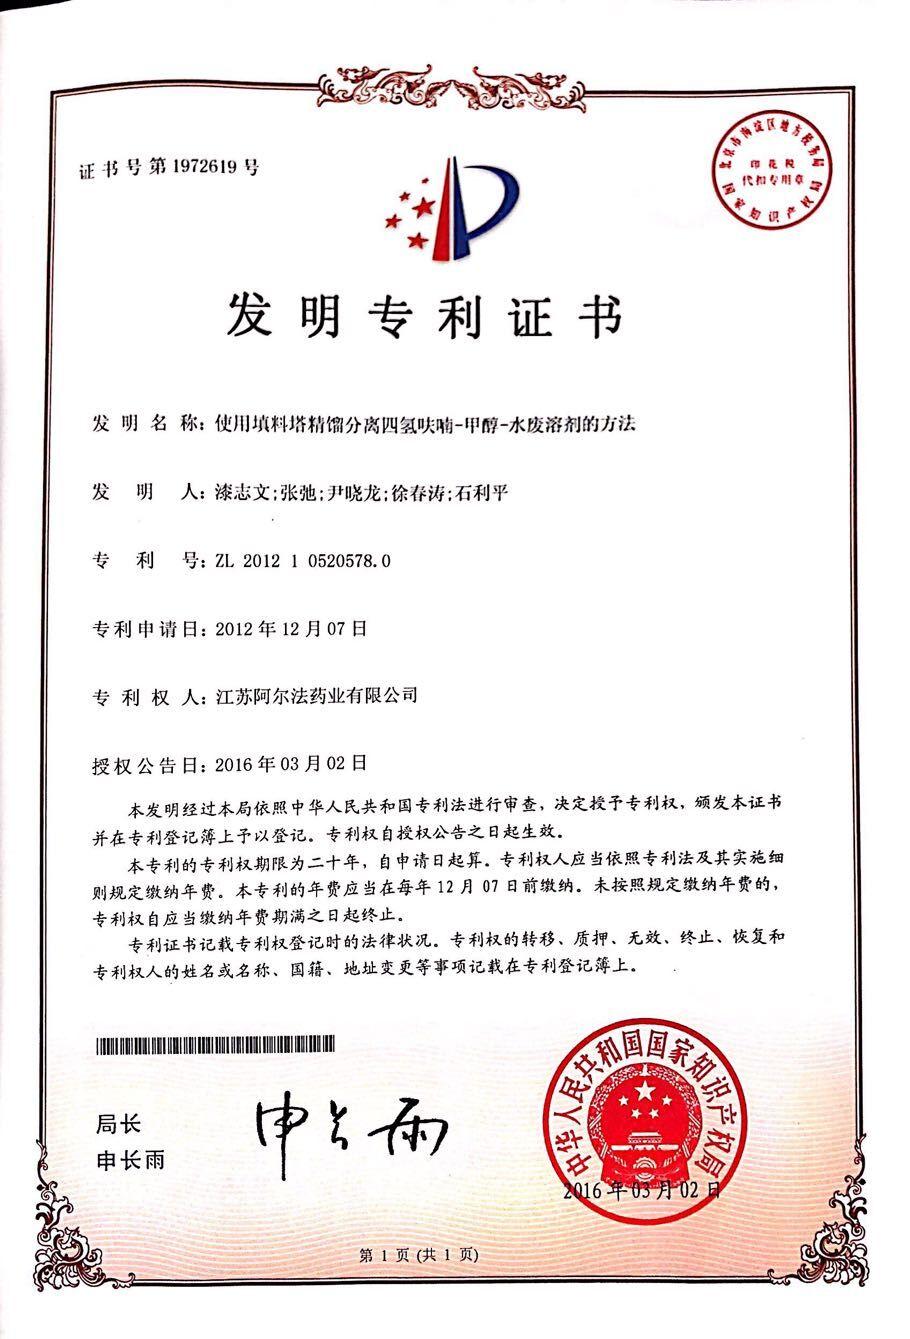 榮譽-專利-14.使用填料塔精餾分離四氫呋喃-甲醇-水廢溶劑的方法